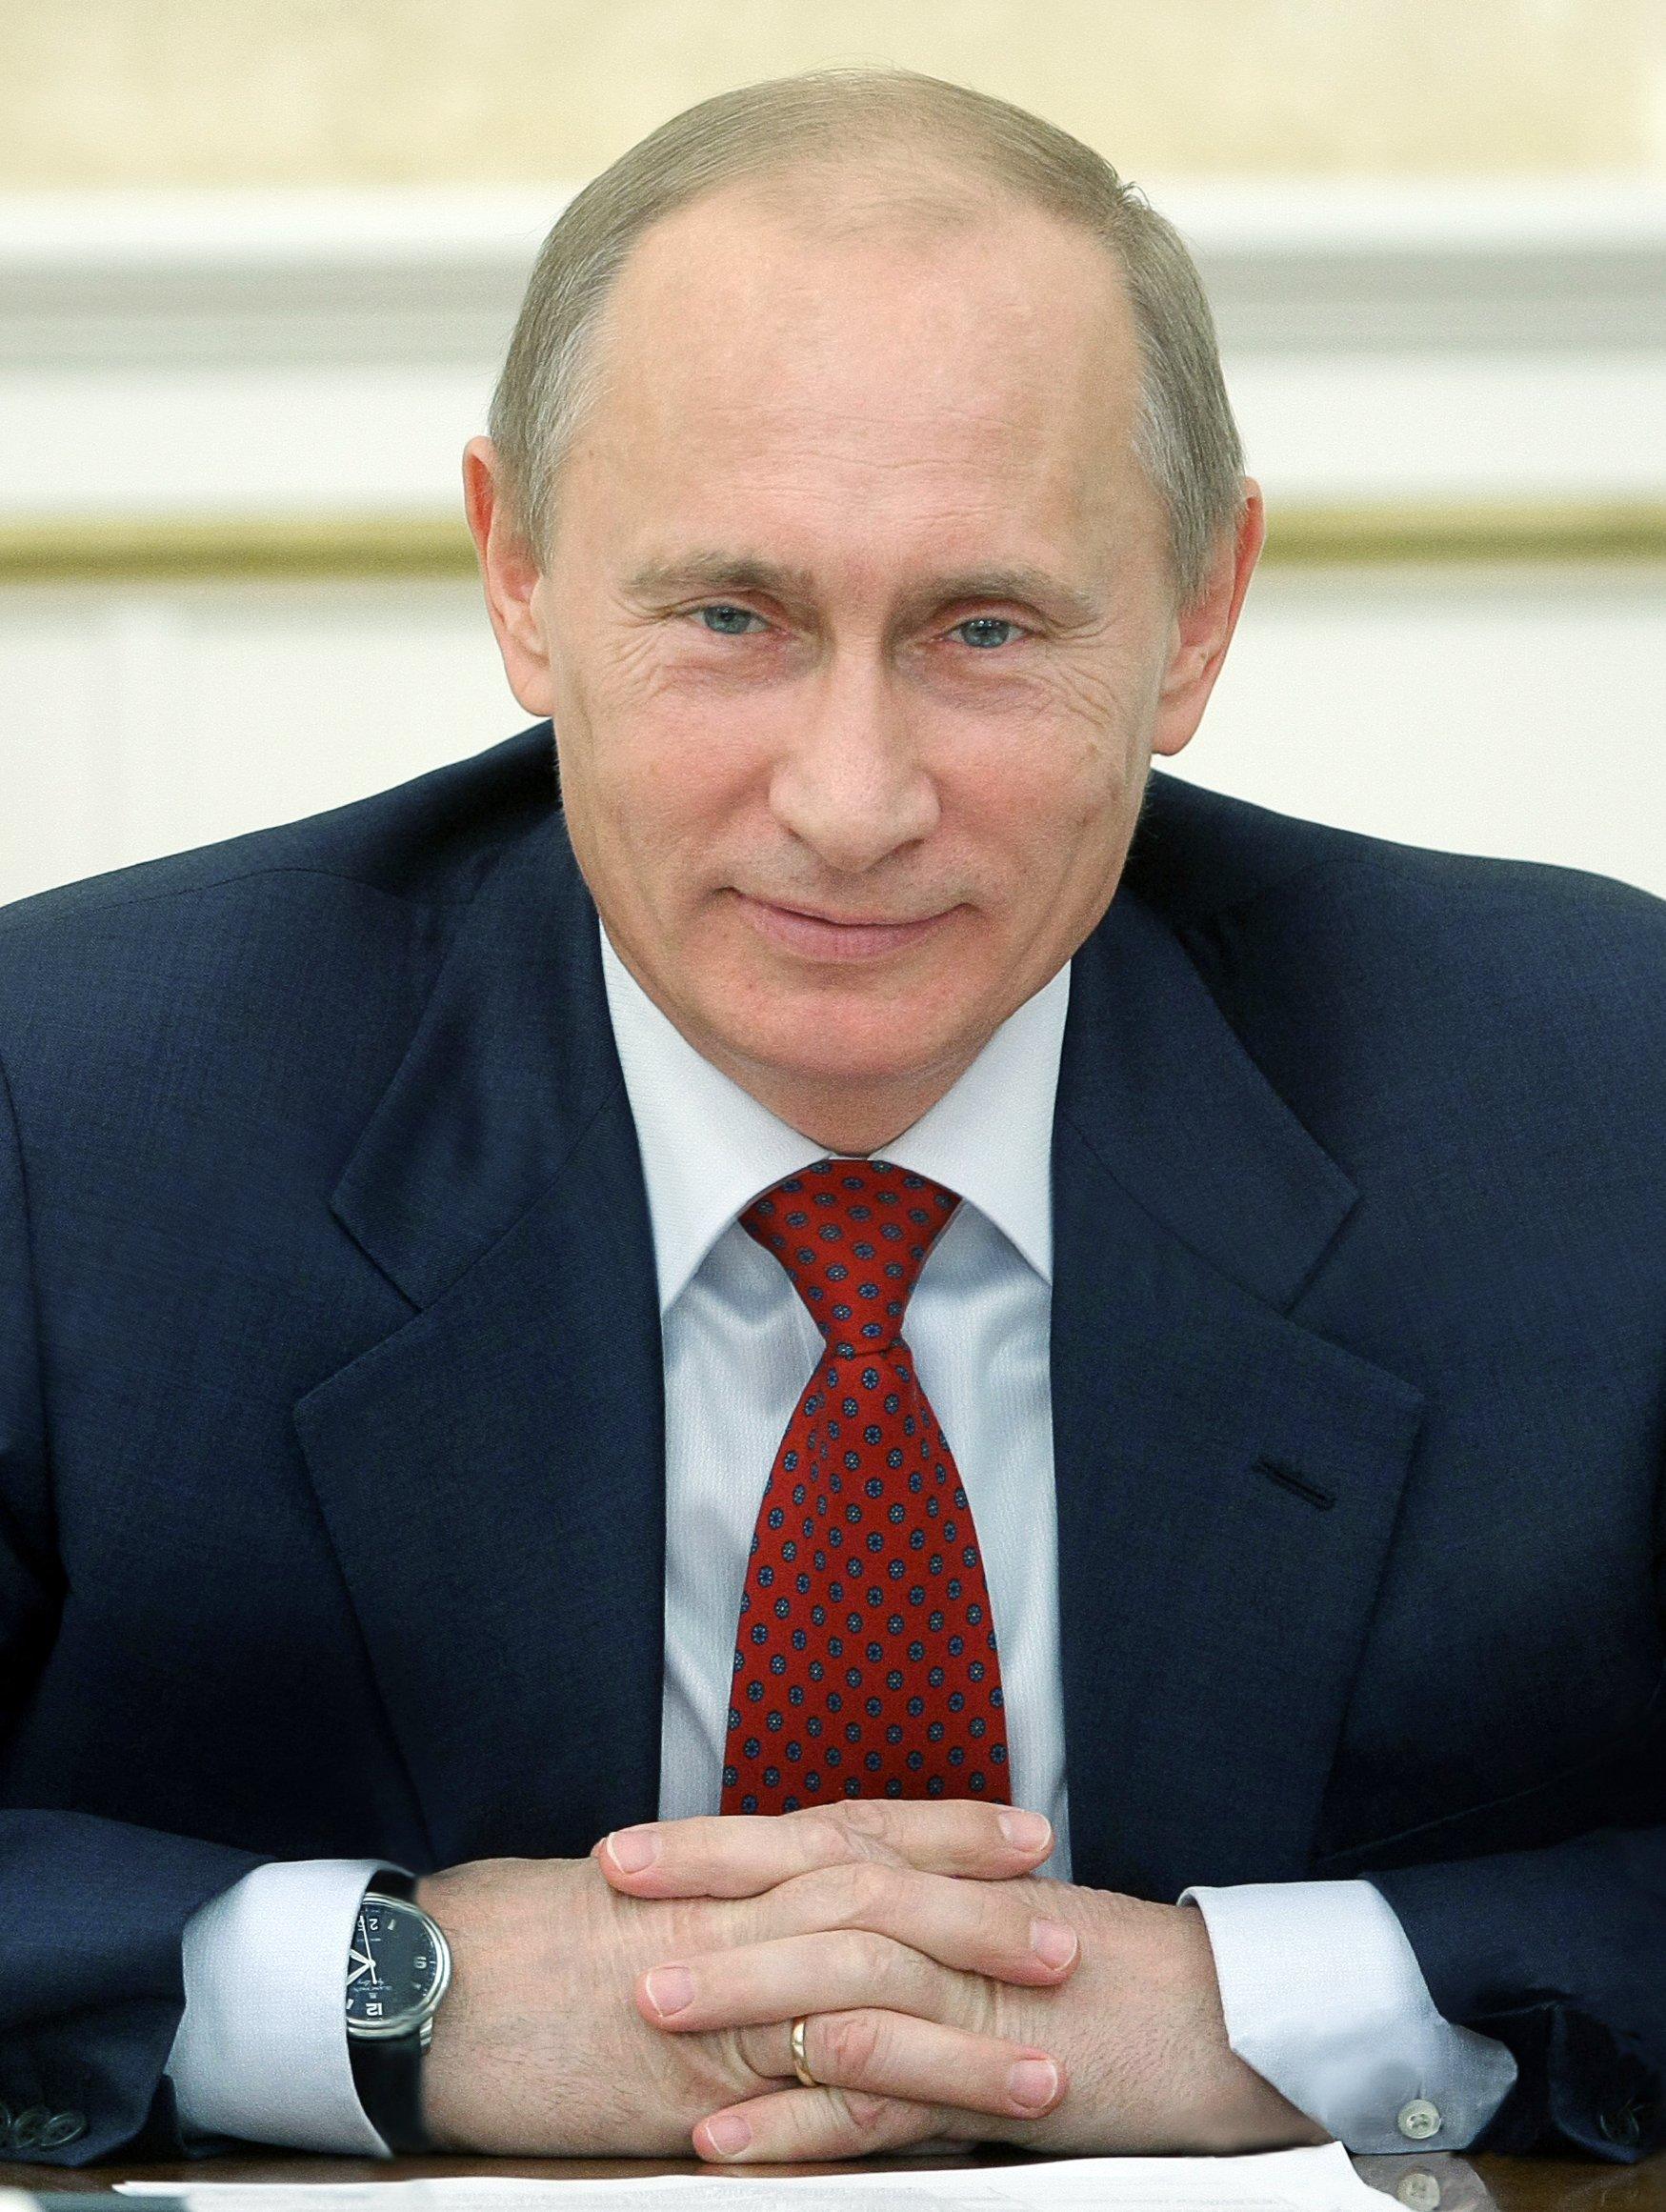 Запретить Путину въезд в Лас-Вегас!